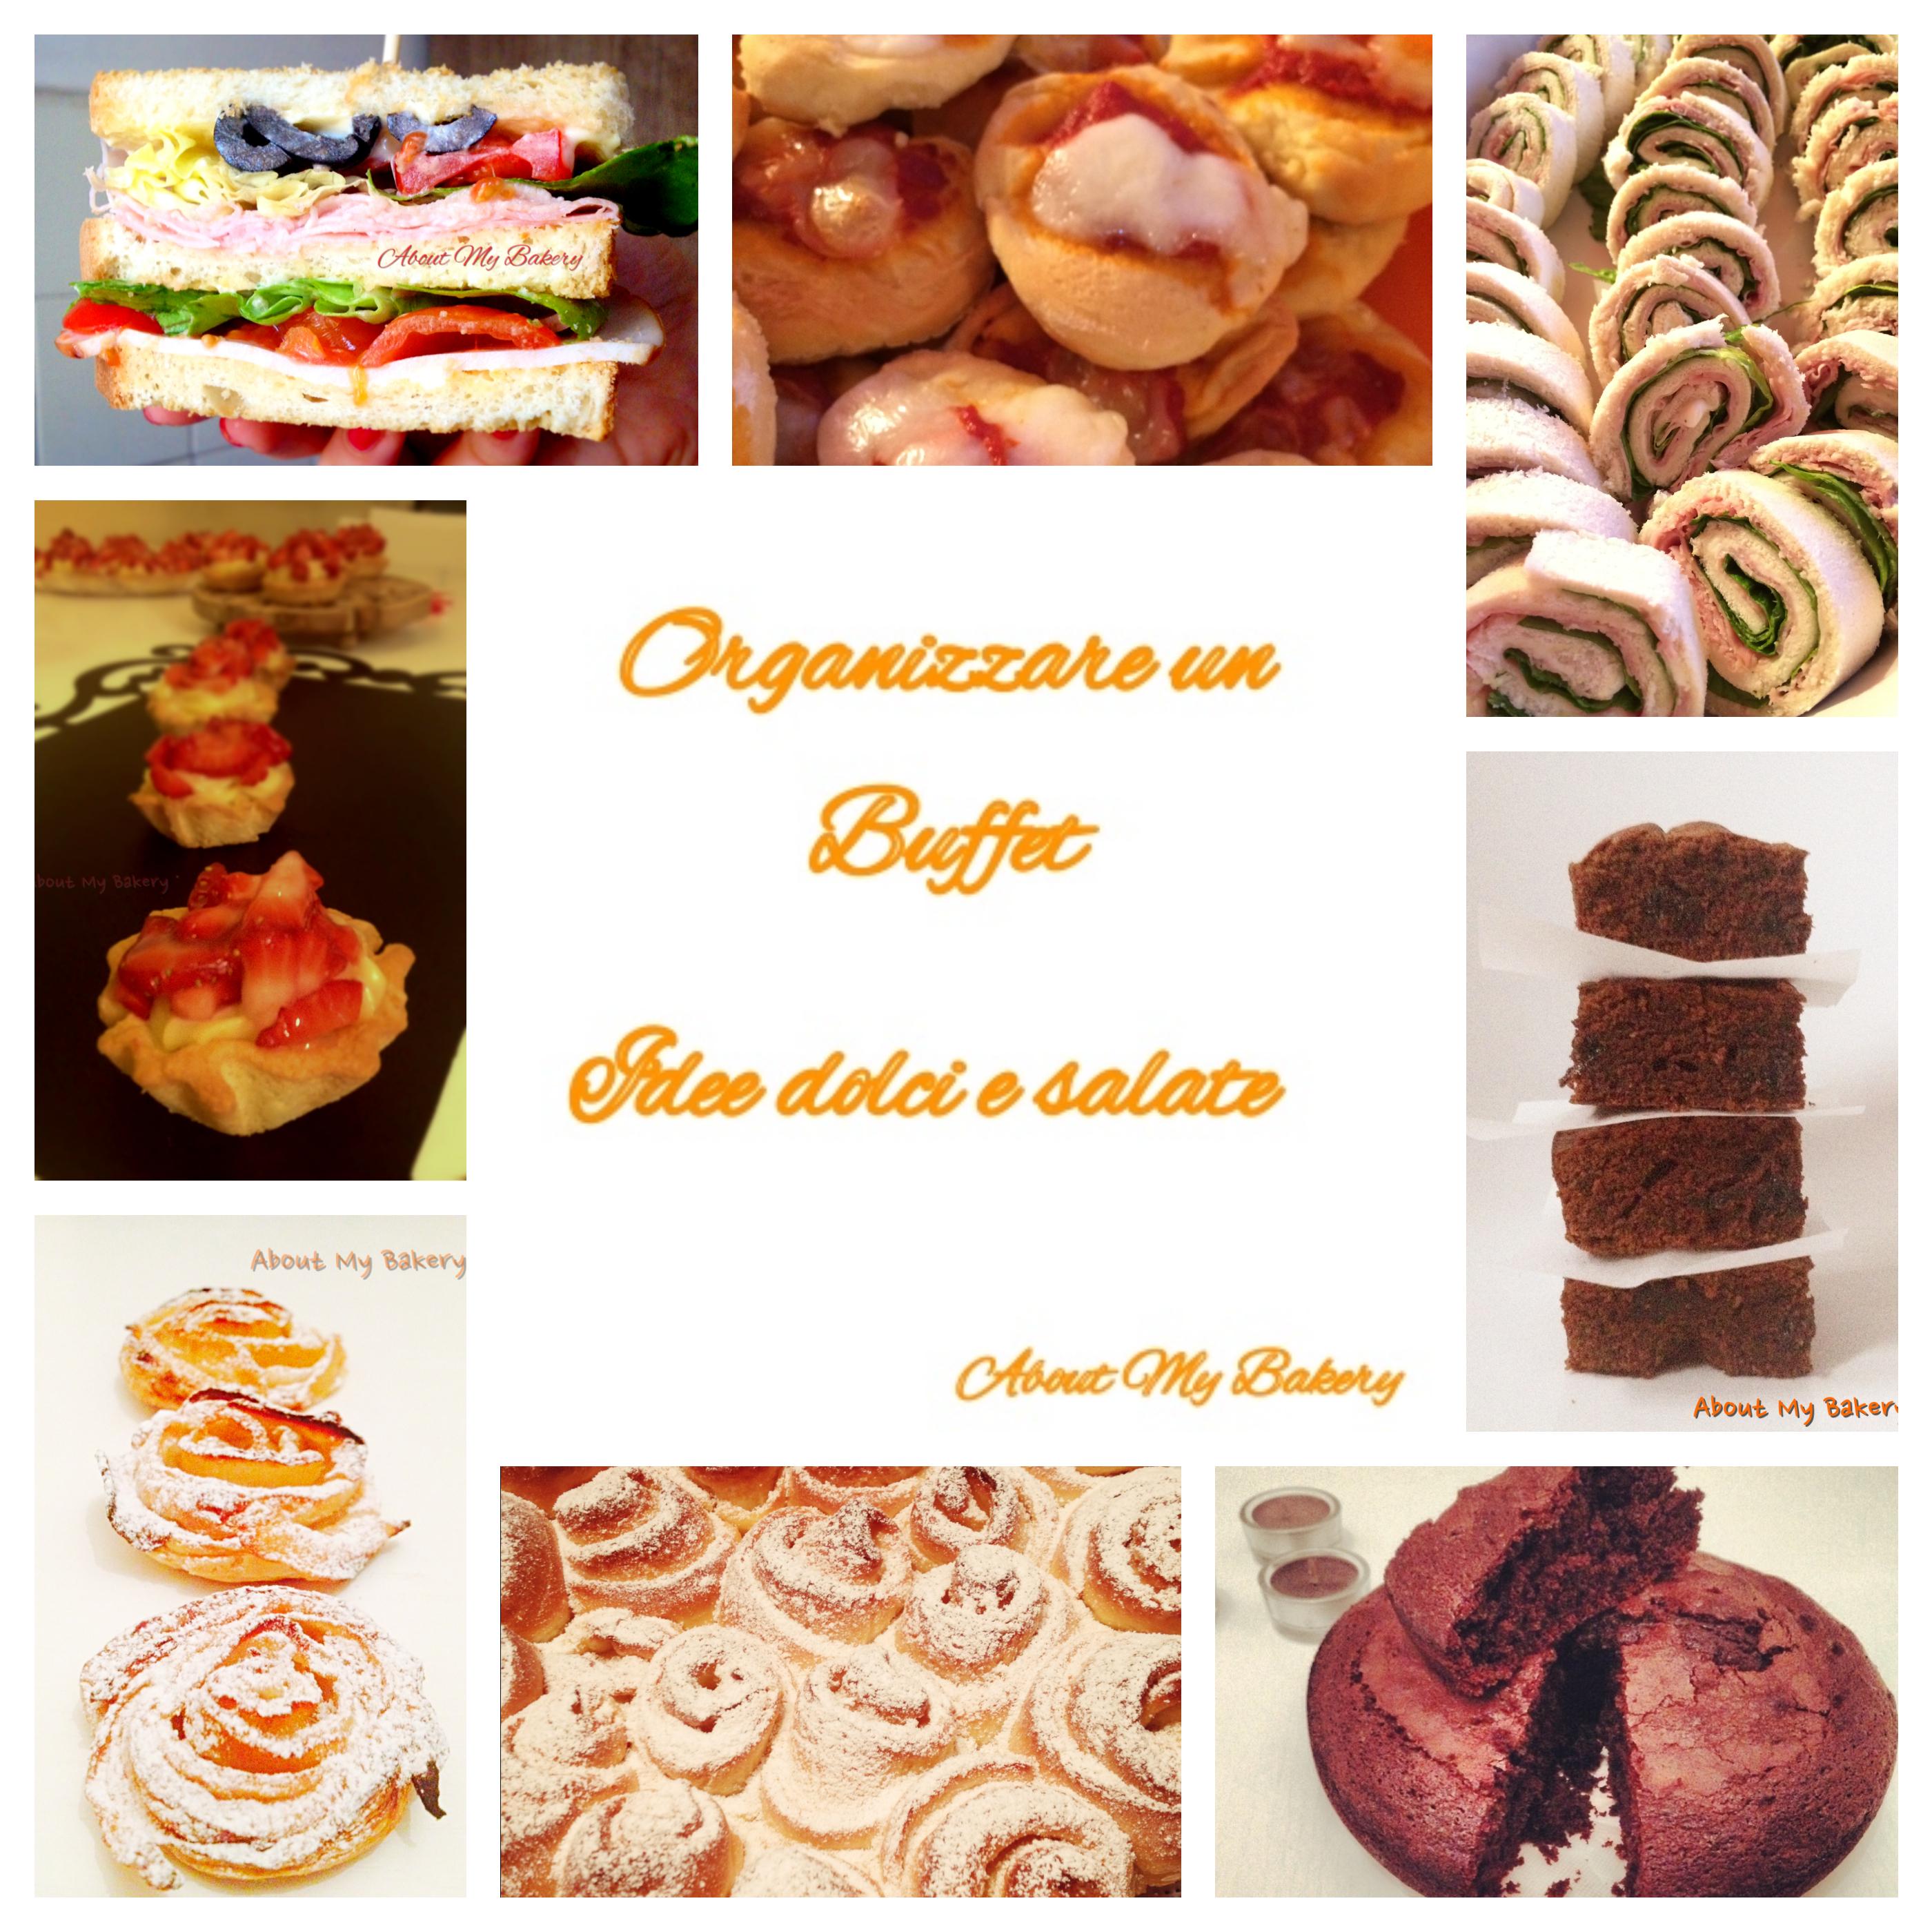 Organizzare un buffet